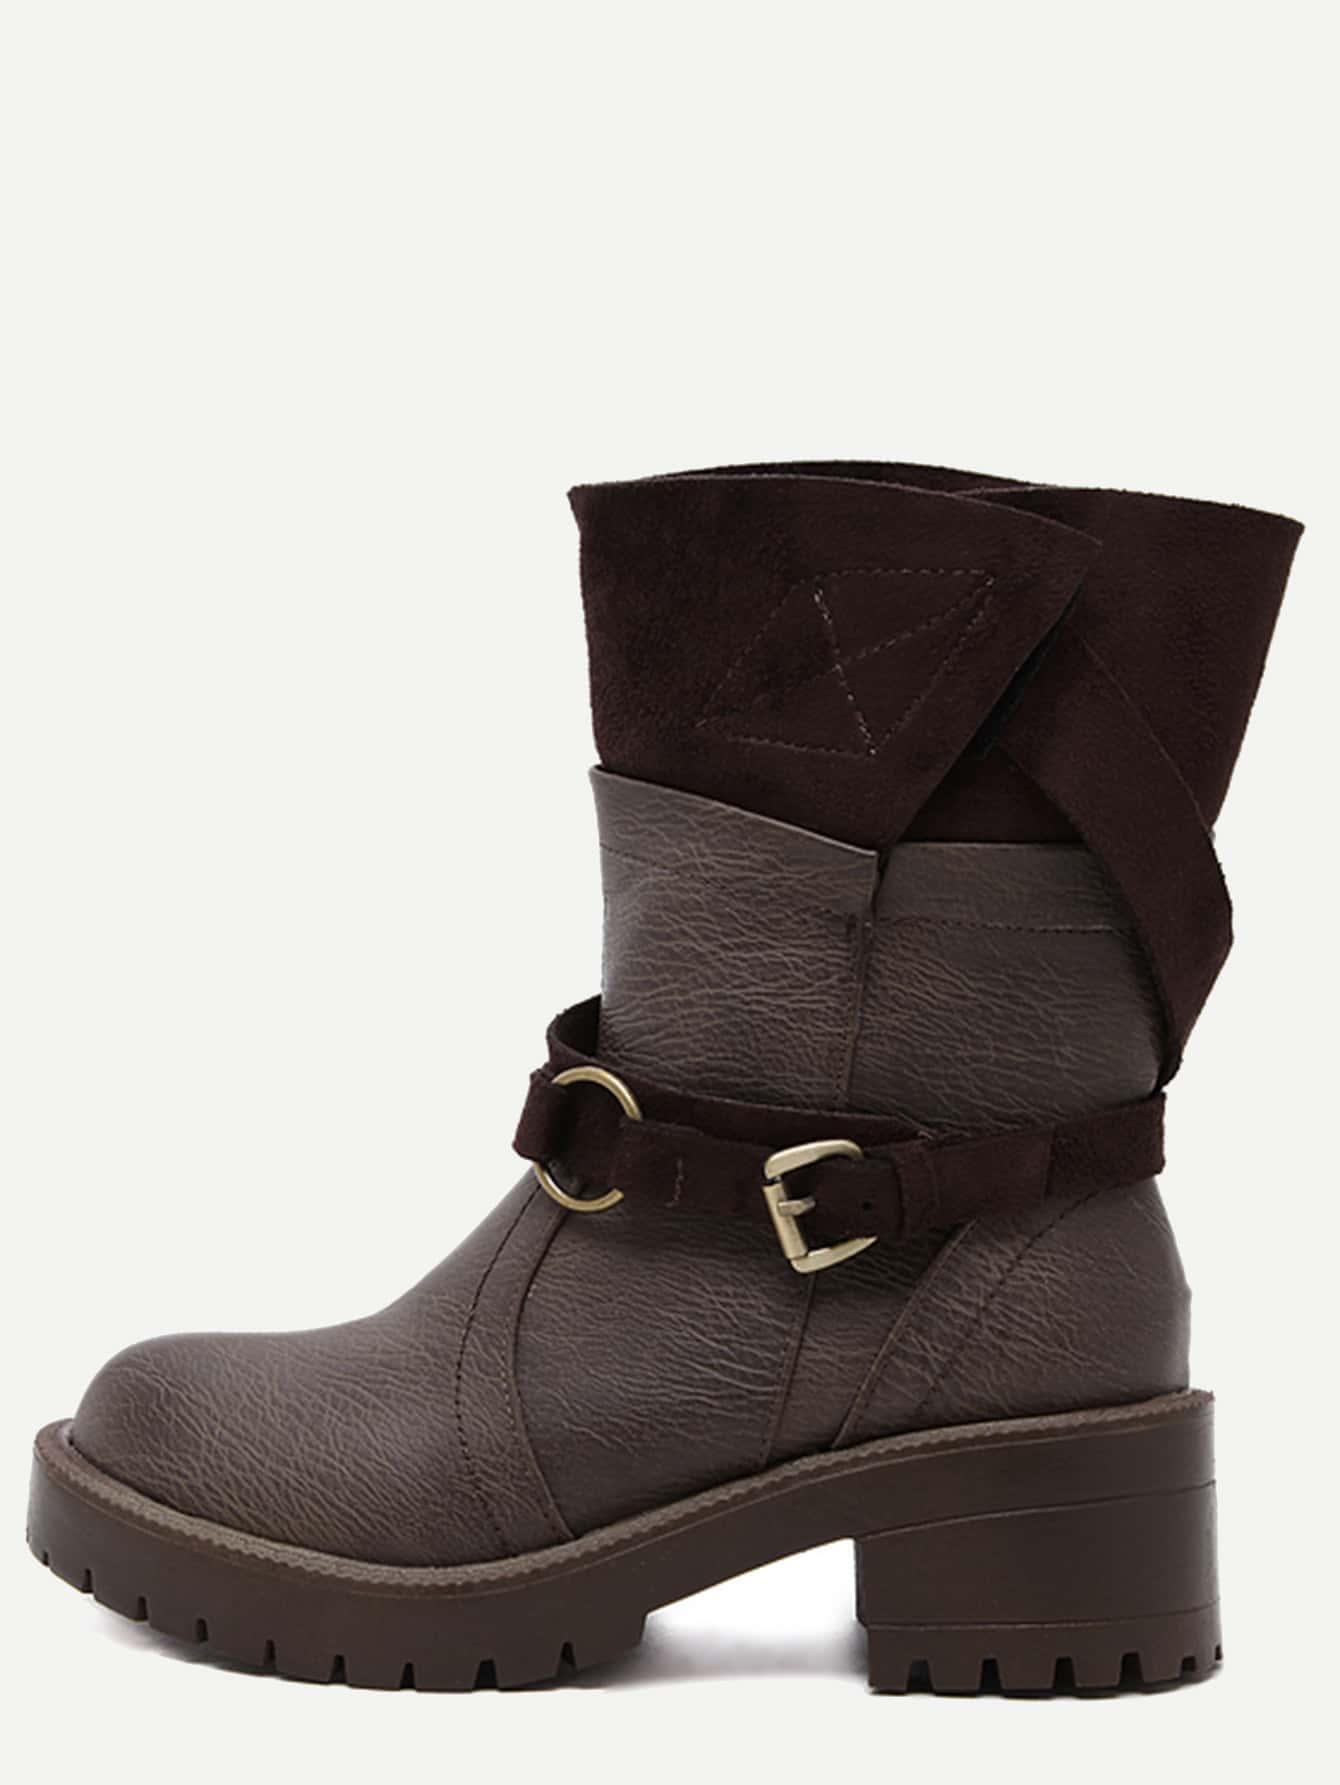 shoes161031812_2